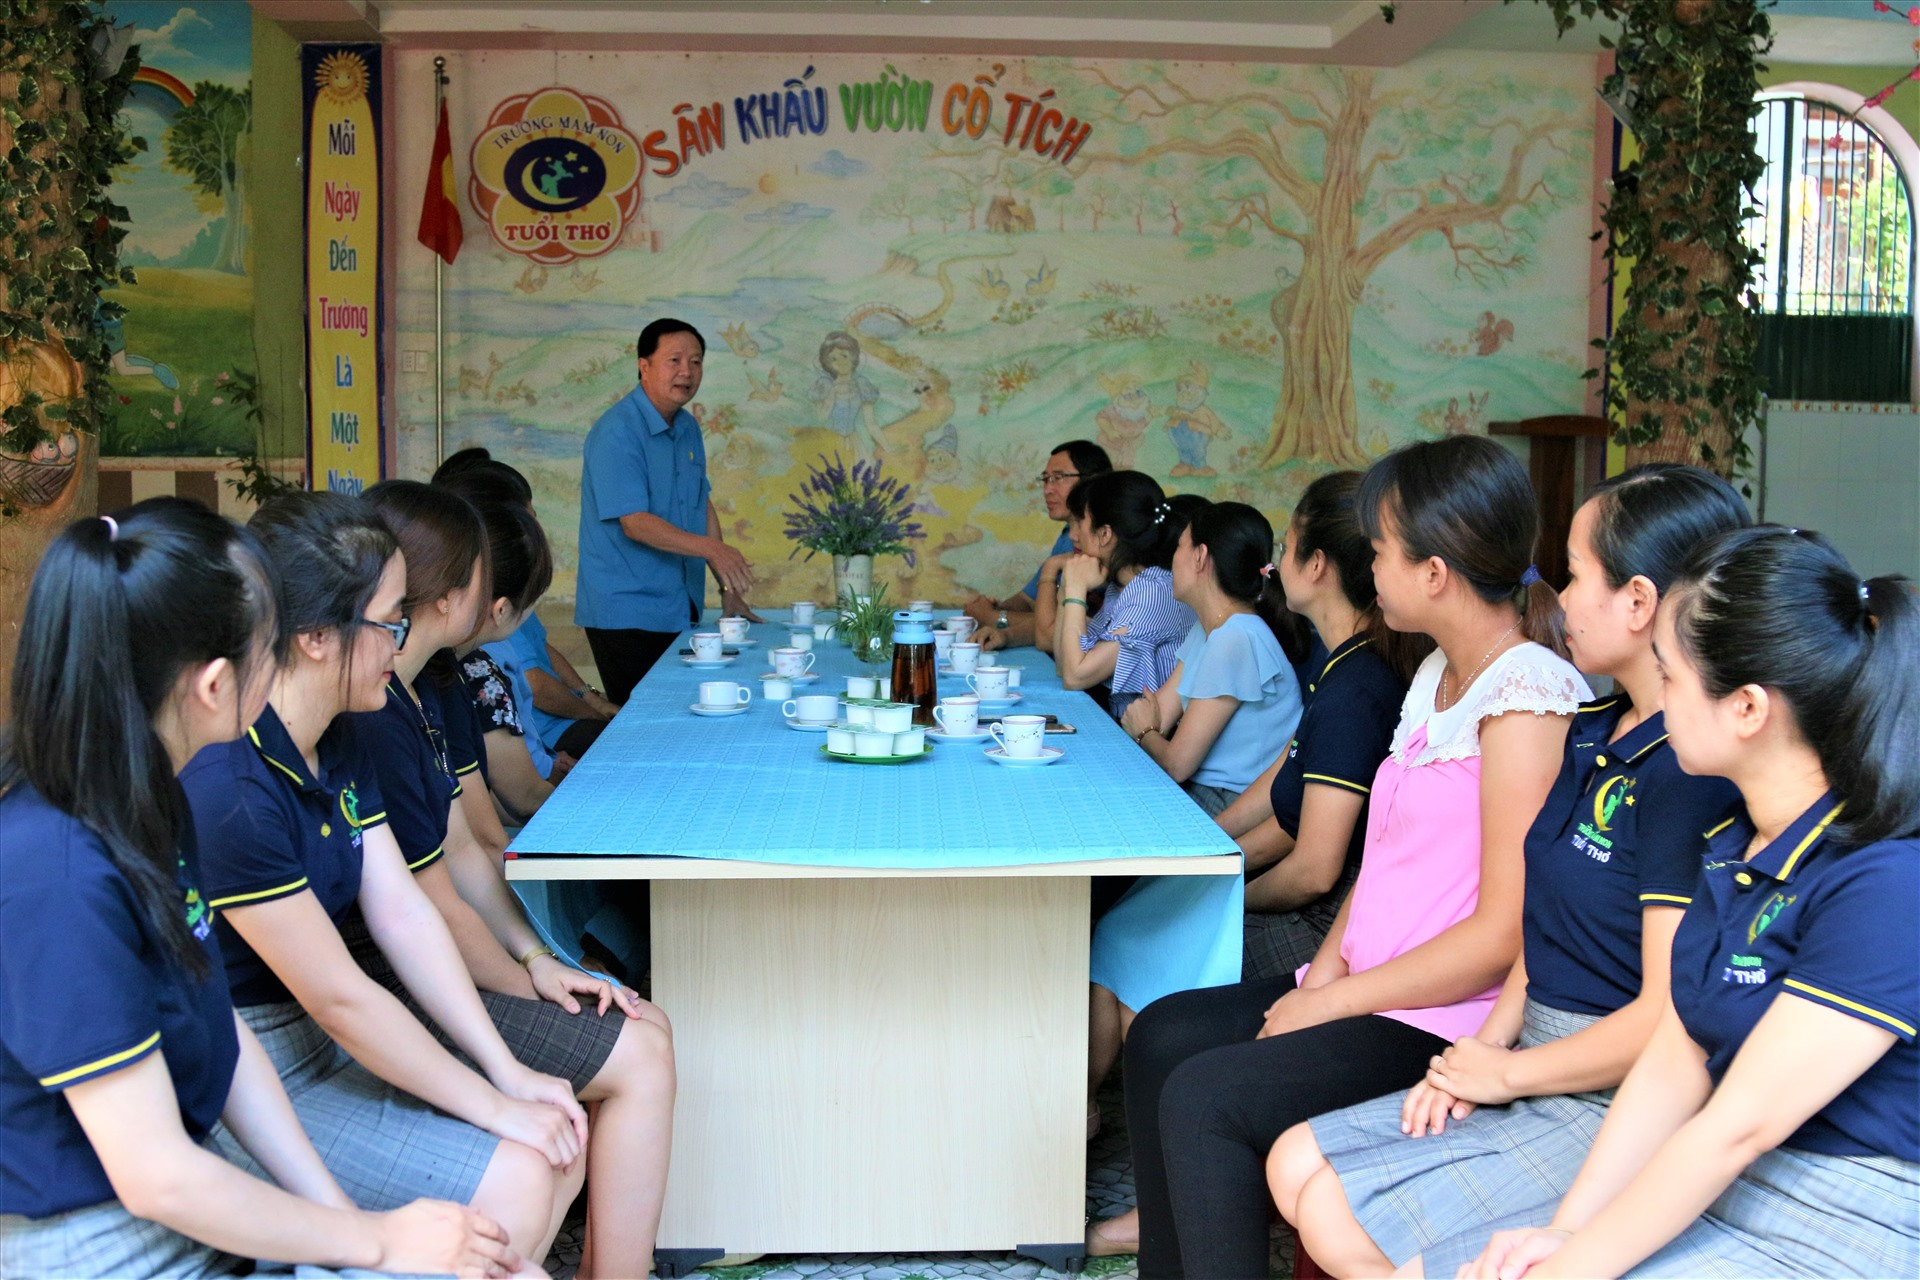 Quang cảnh buổi thăm hỏi, trao quà của đoàn công tác của LĐLĐ tỉnh Gia Lai ở trường mầm non tư thục Tuổi Thơ. Ảnh: Bảo Trung